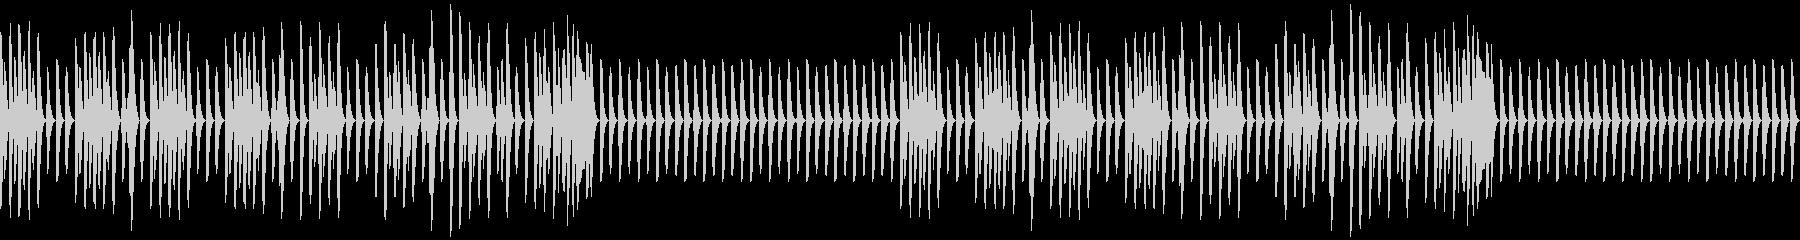 計算・学習・子供・アプリ・ループ・ピアノの未再生の波形